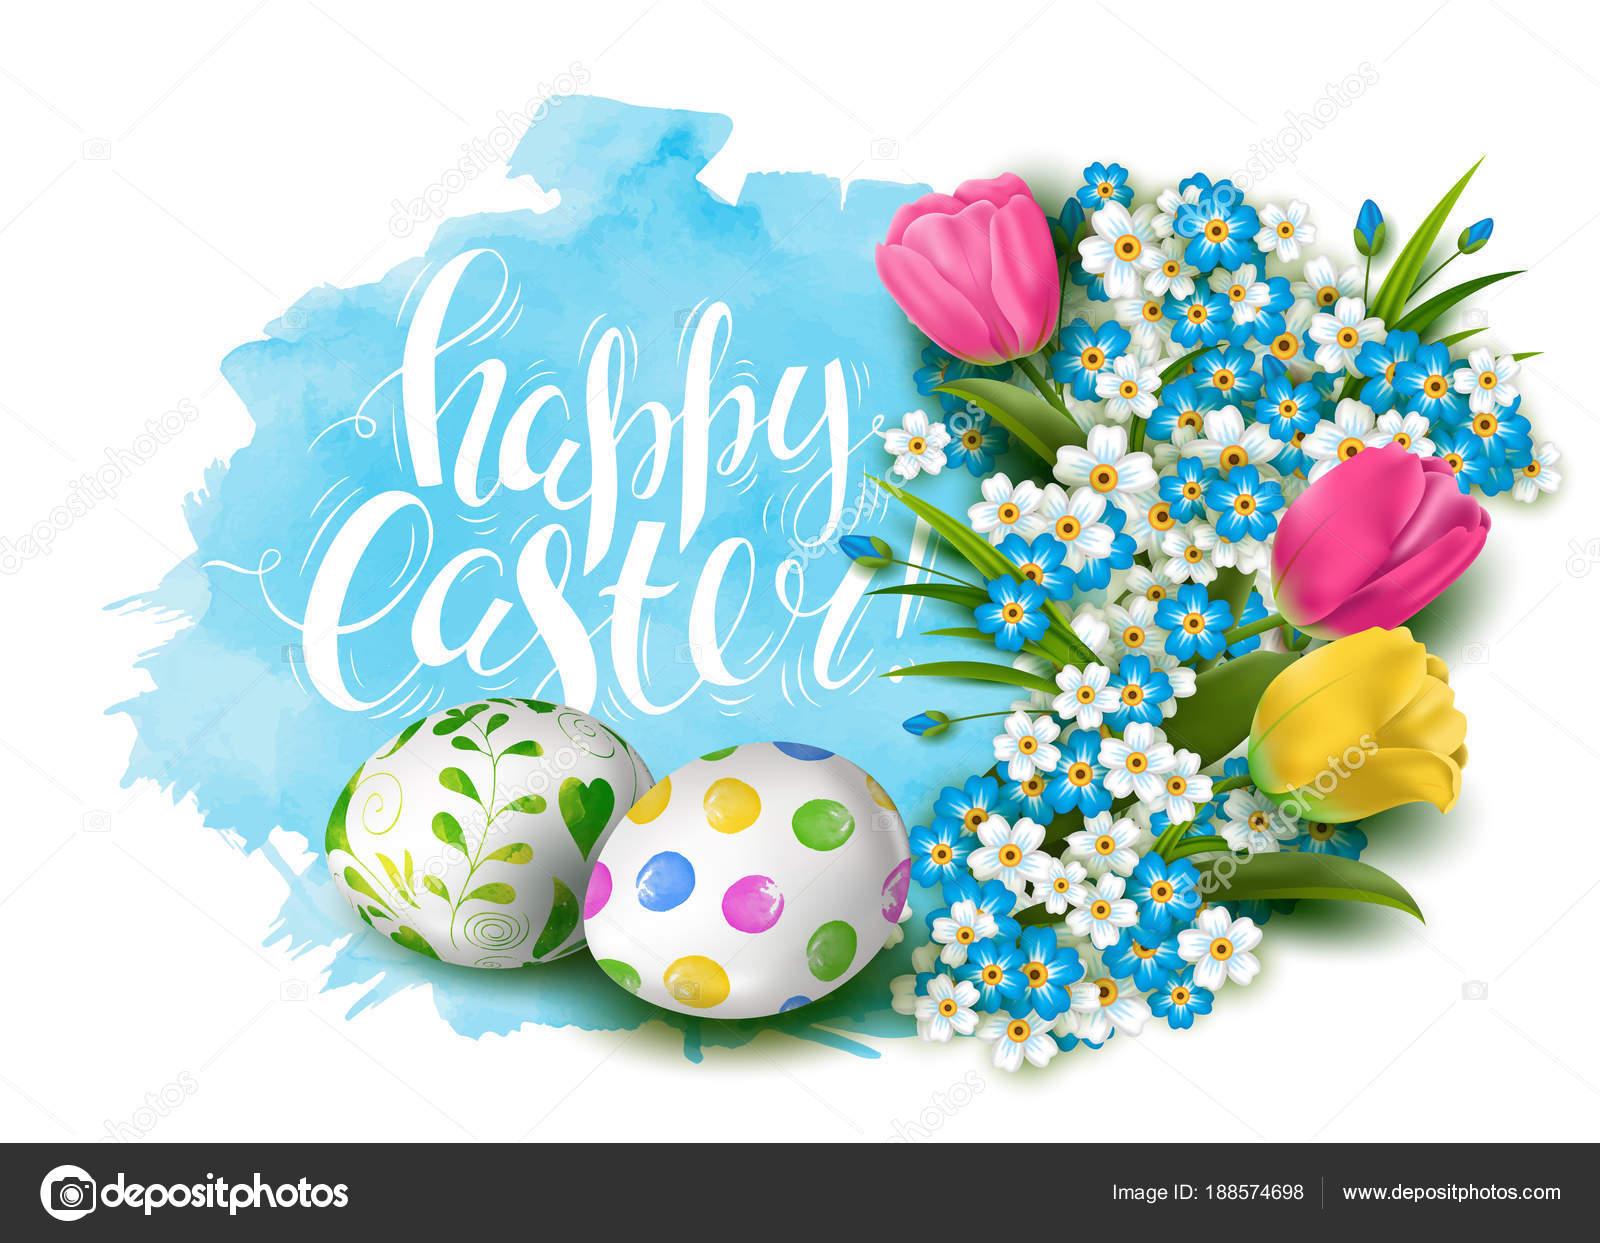 Fotos Felices Pascuas Cristianas Cruz Cristiana Con La